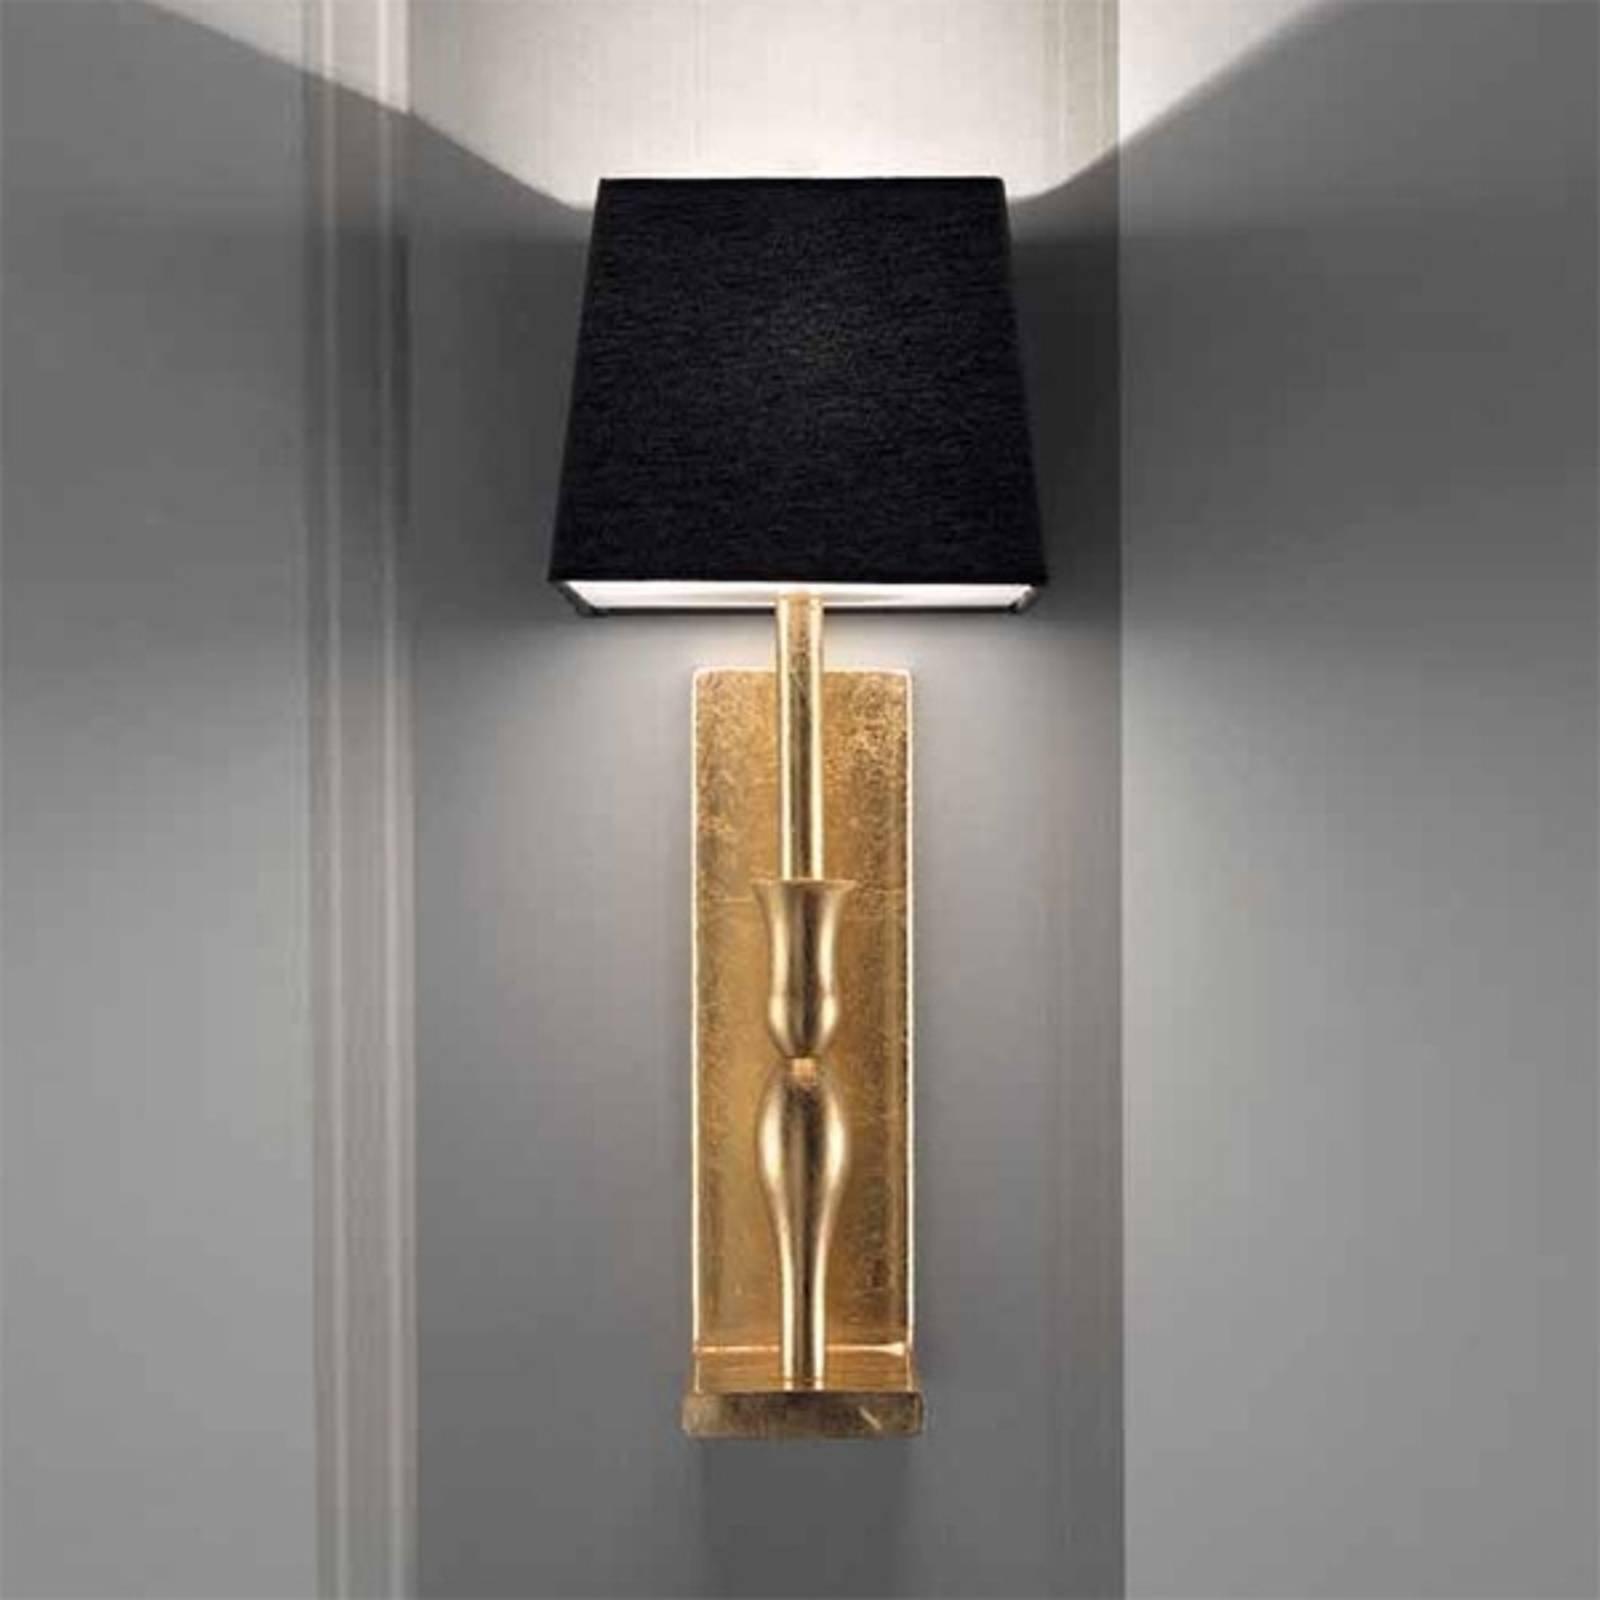 Vegglampe Slim i svart og gull